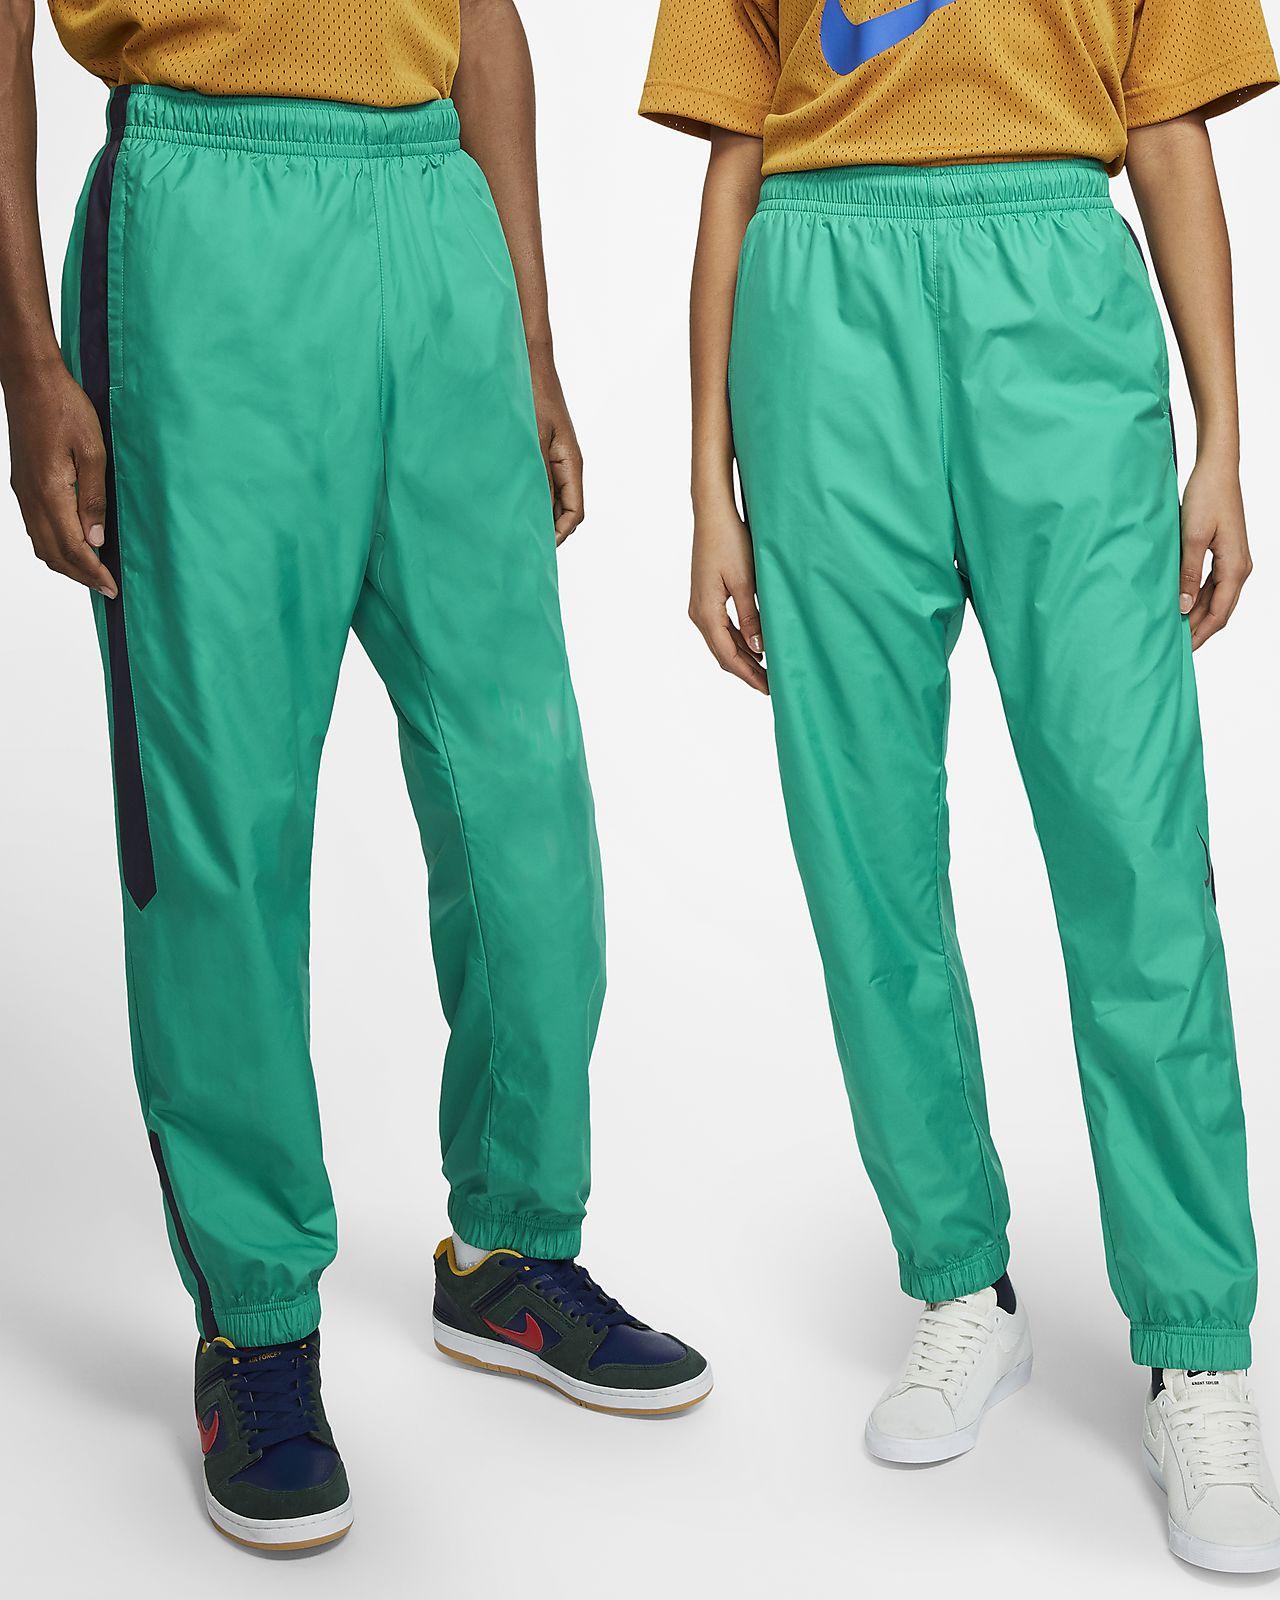 Spodnie dresowe z logo Swoosh do skateboardingu Nike SB Shield